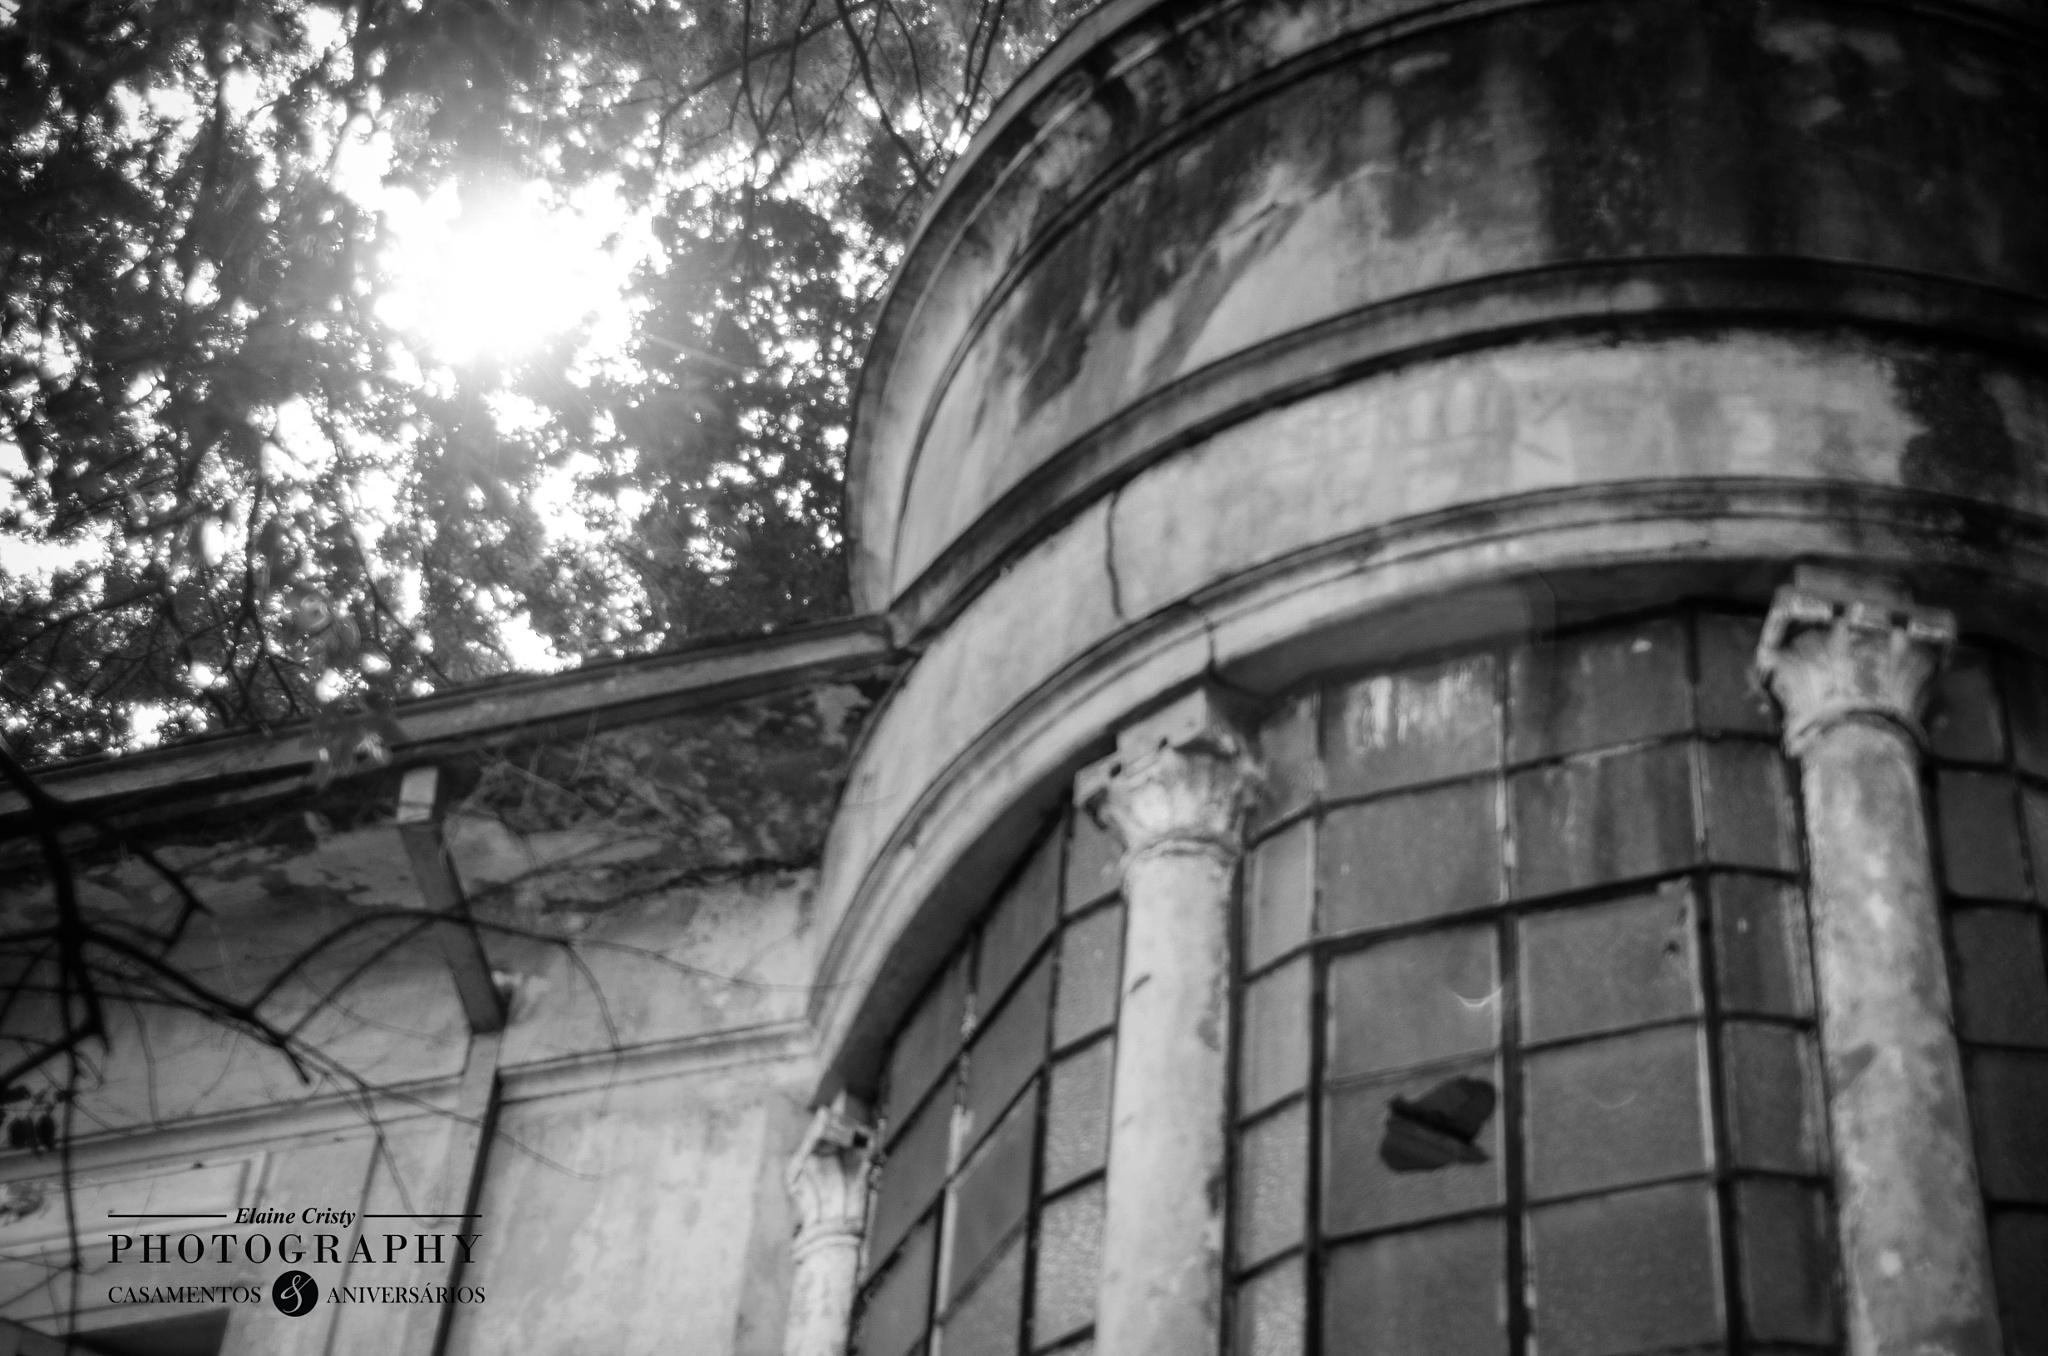 Patrimônio Publico em ruínas.  by Elaine Cristy